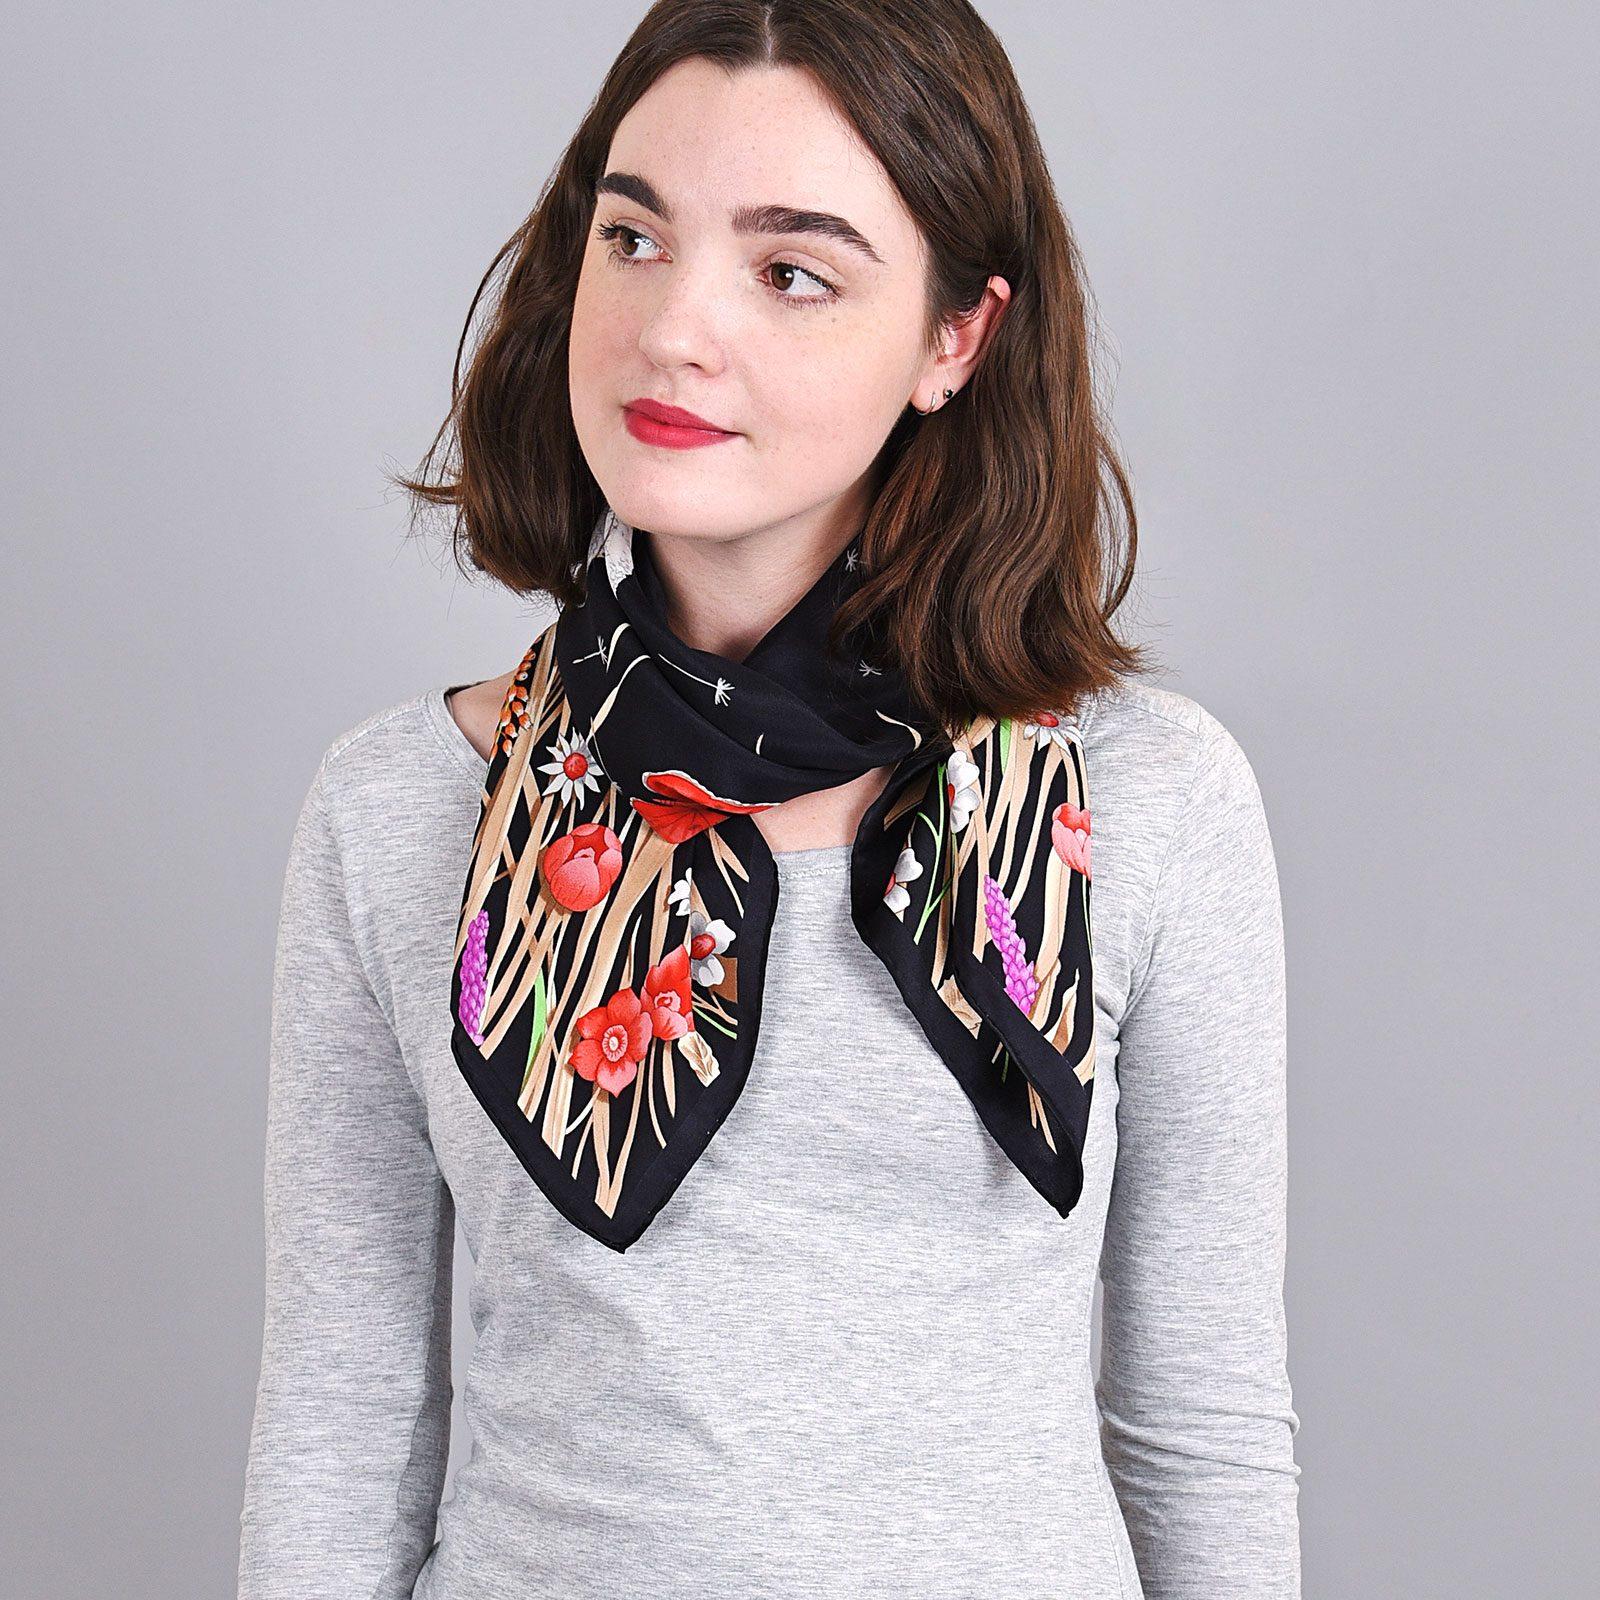 http://lookbook.allee-du-foulard.fr/wp-content/uploads/2018/09/AT-04034-VF16-carre-de-soie-prairie-papillons-noir-1600x1600.jpg